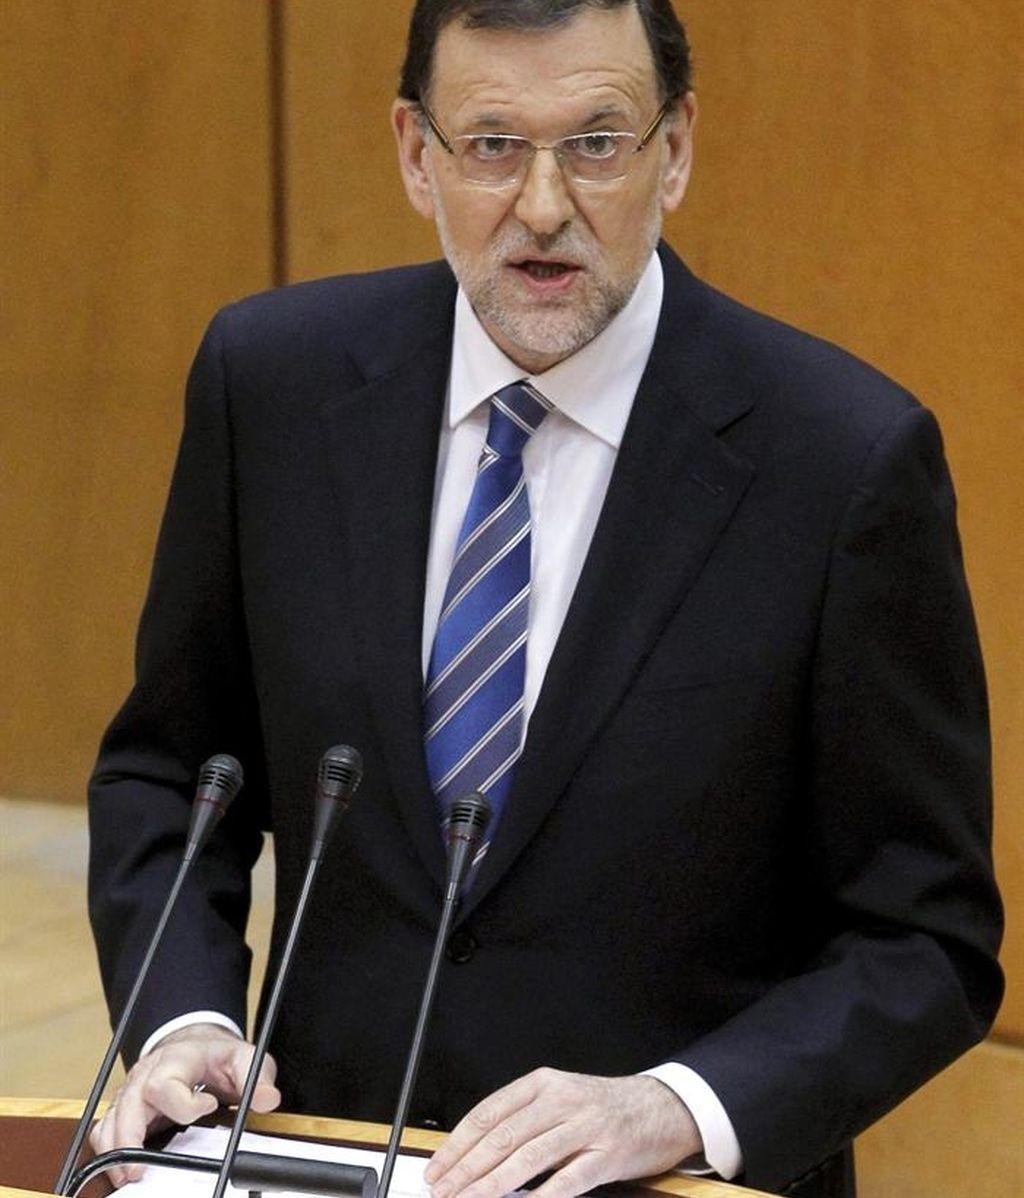 Rajoy da explicaciones sobre el caso Bárcenas